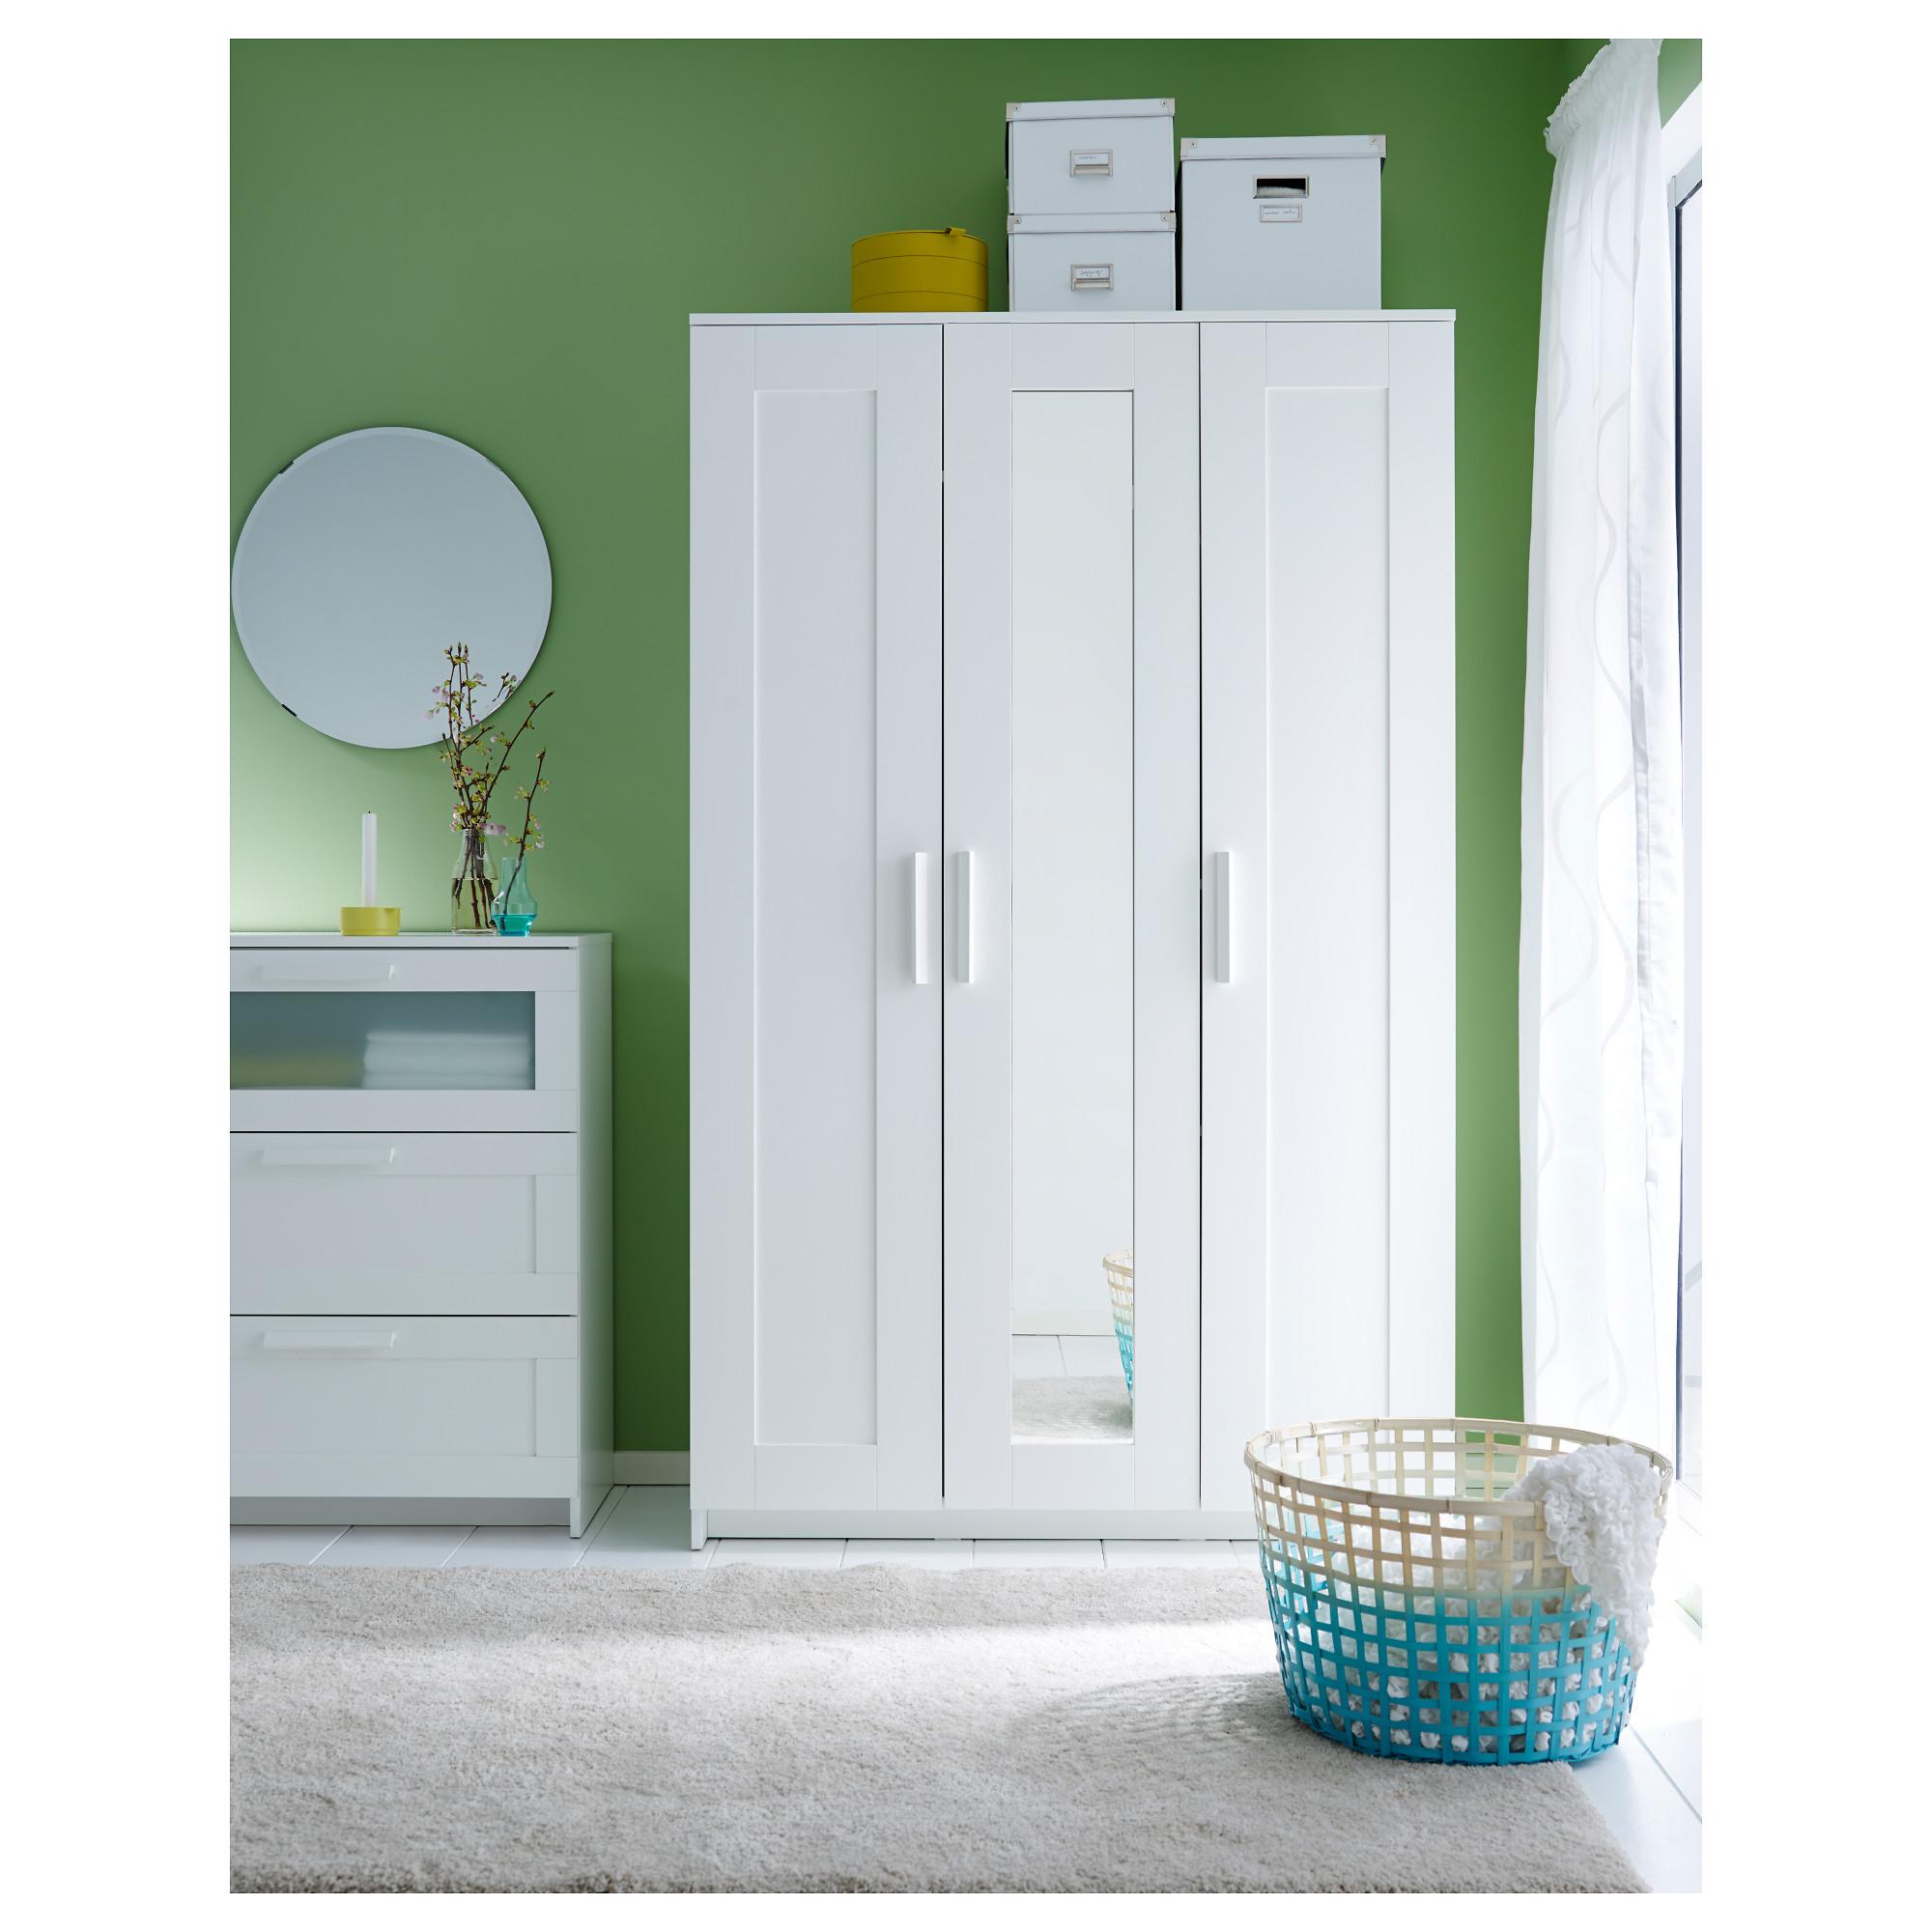 Ikea Latvia мебель освещение и многое другое для обустройства дома